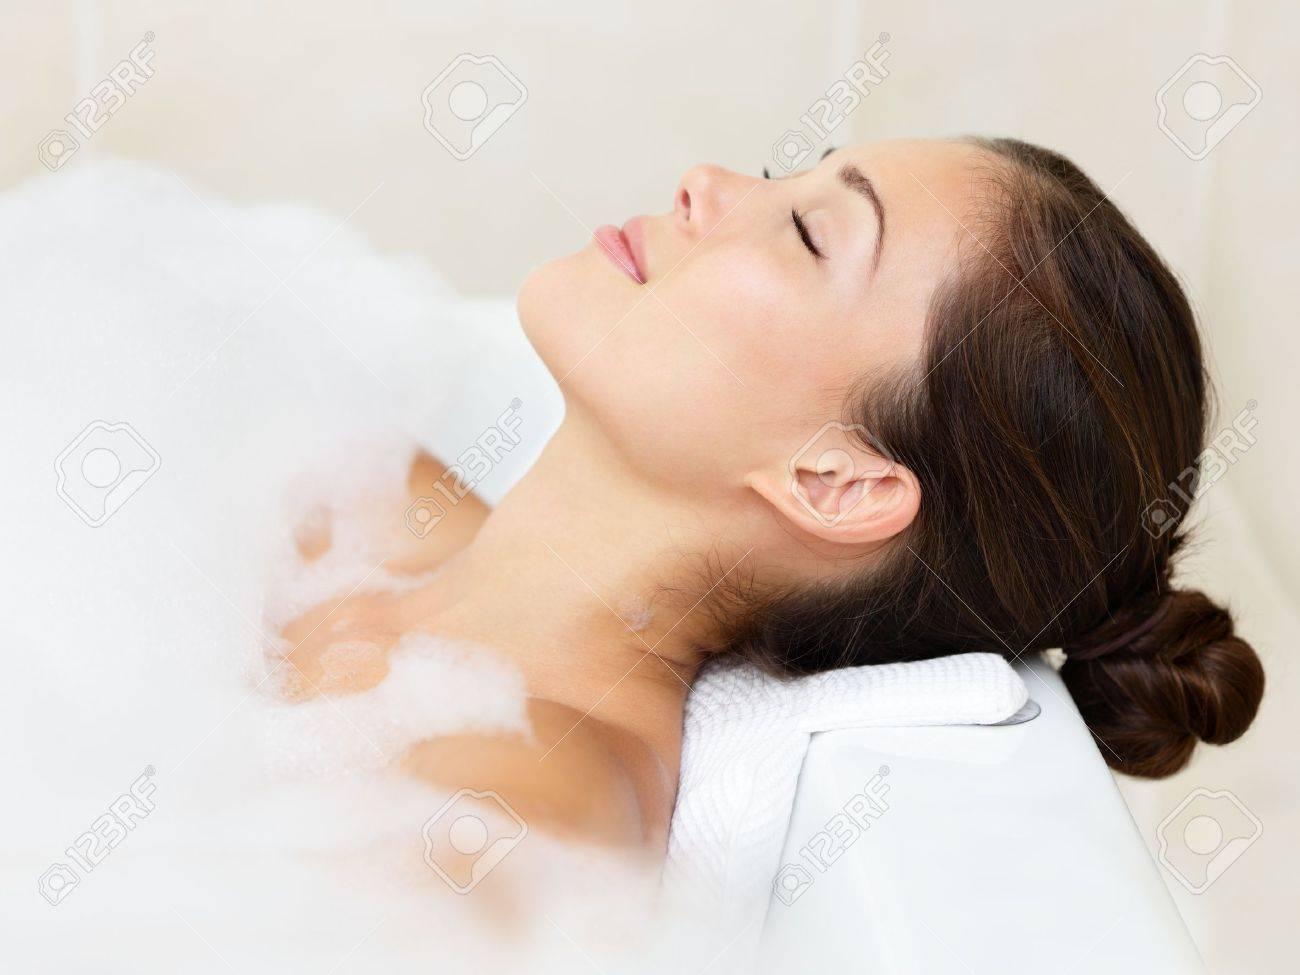 Bath woman relaxing bathing in bathtub with bath foam Standard-Bild - 16663387